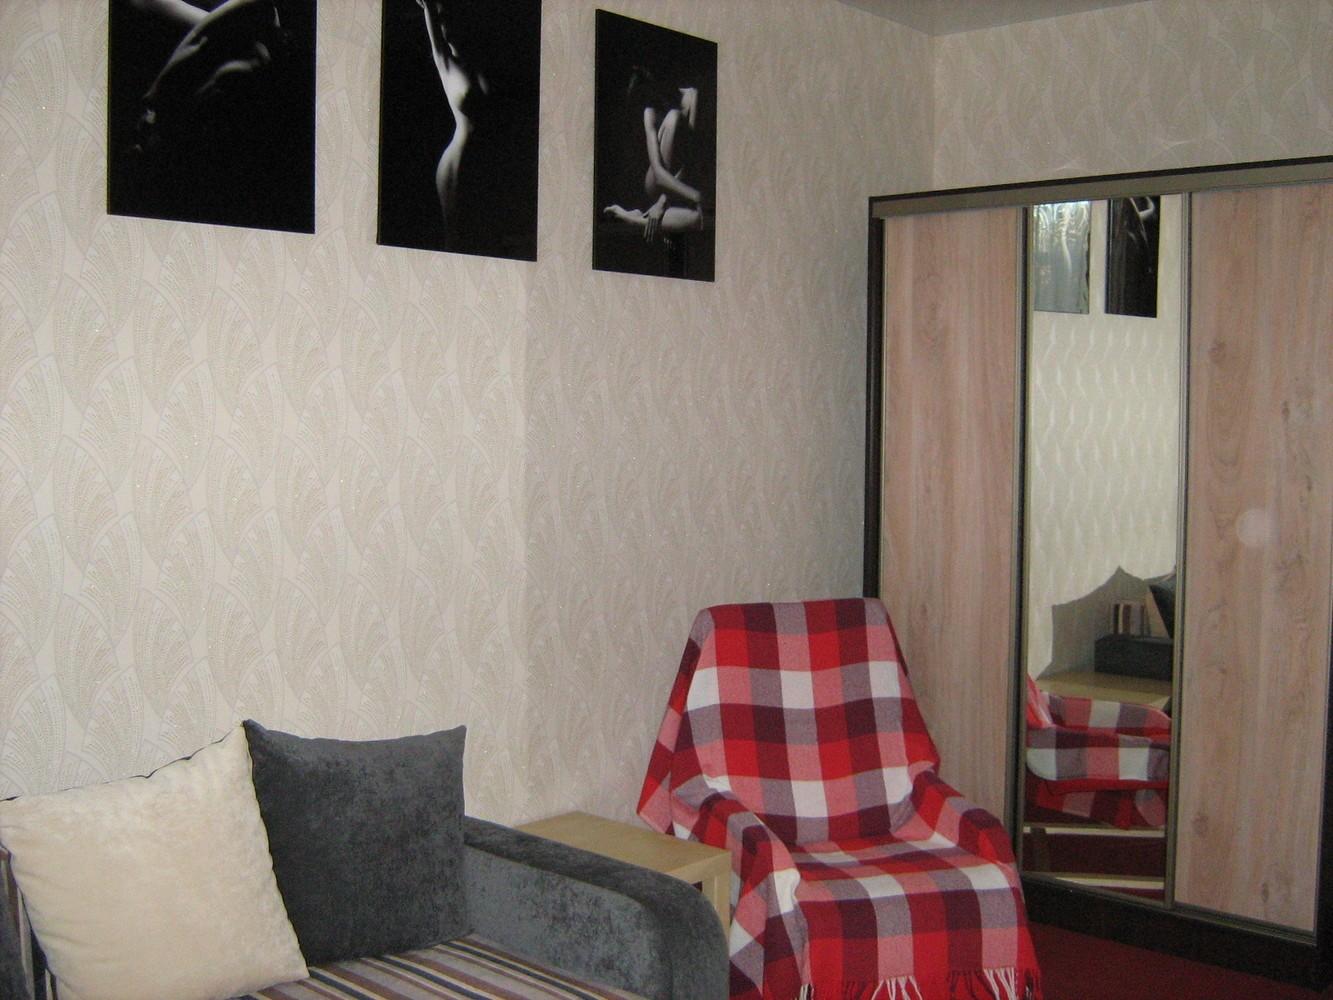 Сфера, гостиничный комплекс - №19